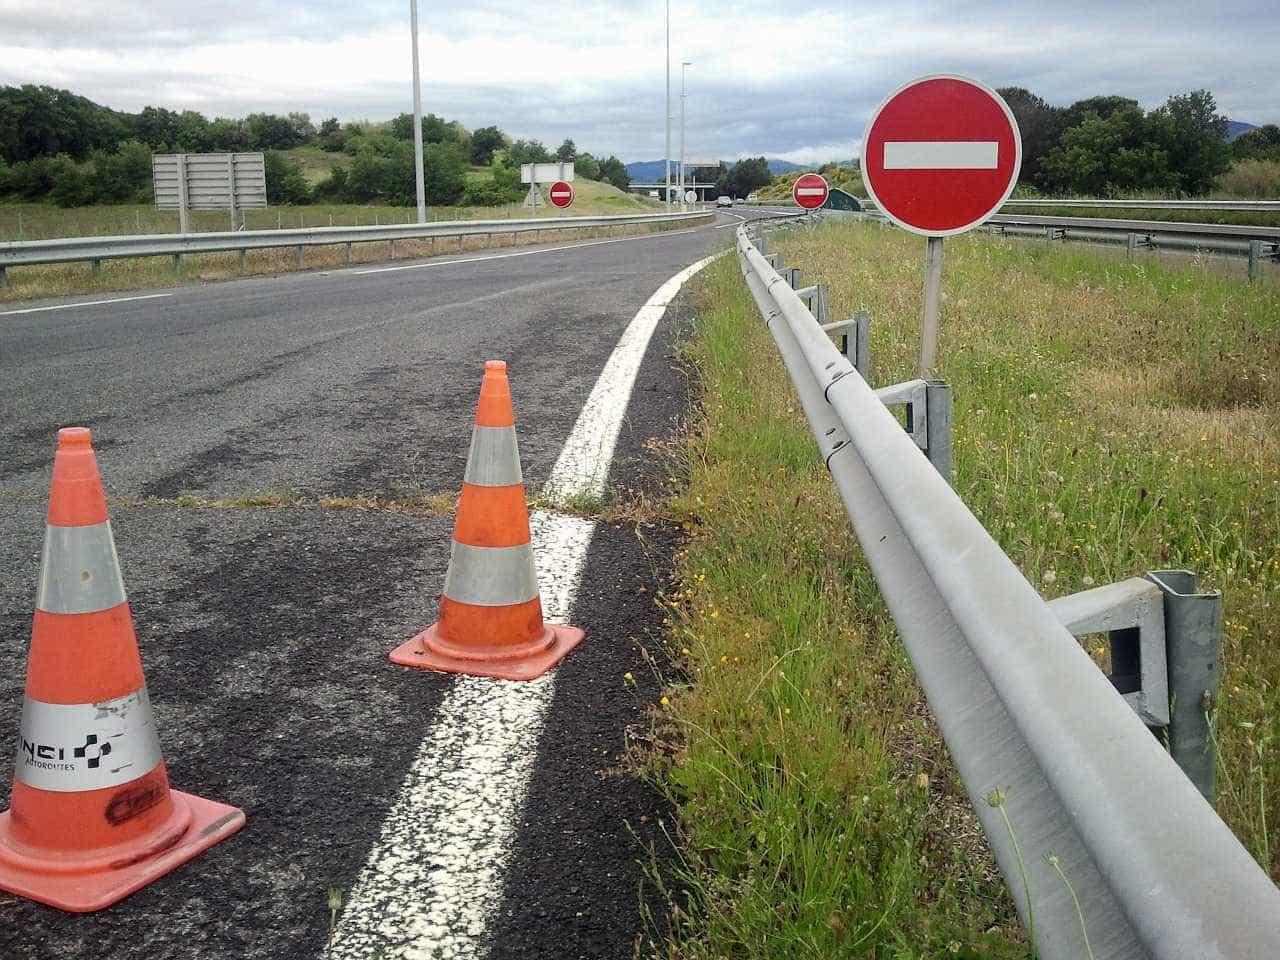 Circulação na A41, A4 e VRI condicionada até final do mês devido a obras